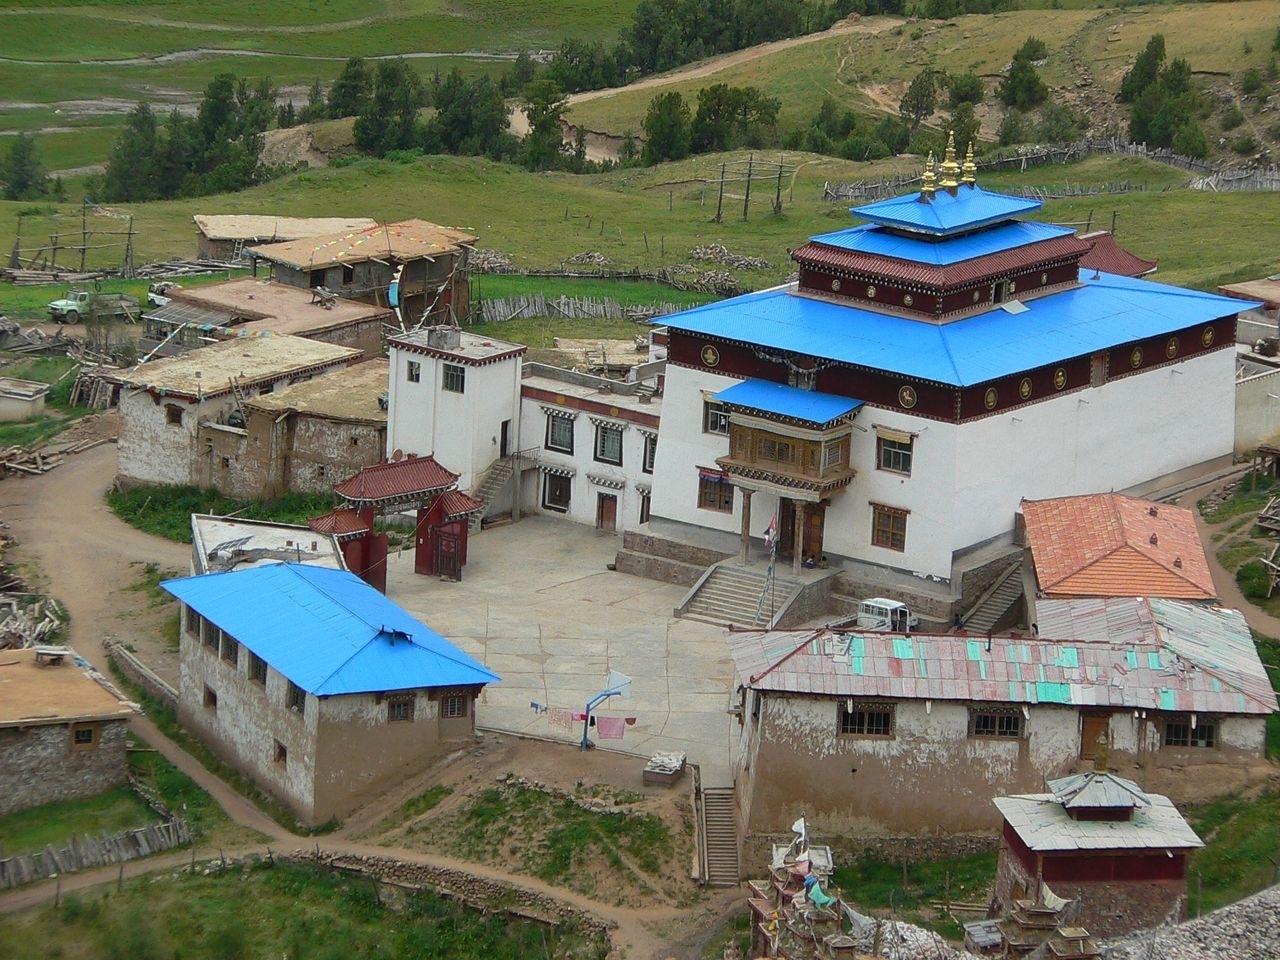 囊谦县位于青海省最南端,玉树州东南部,与西藏昌都地区接壤,地处东经